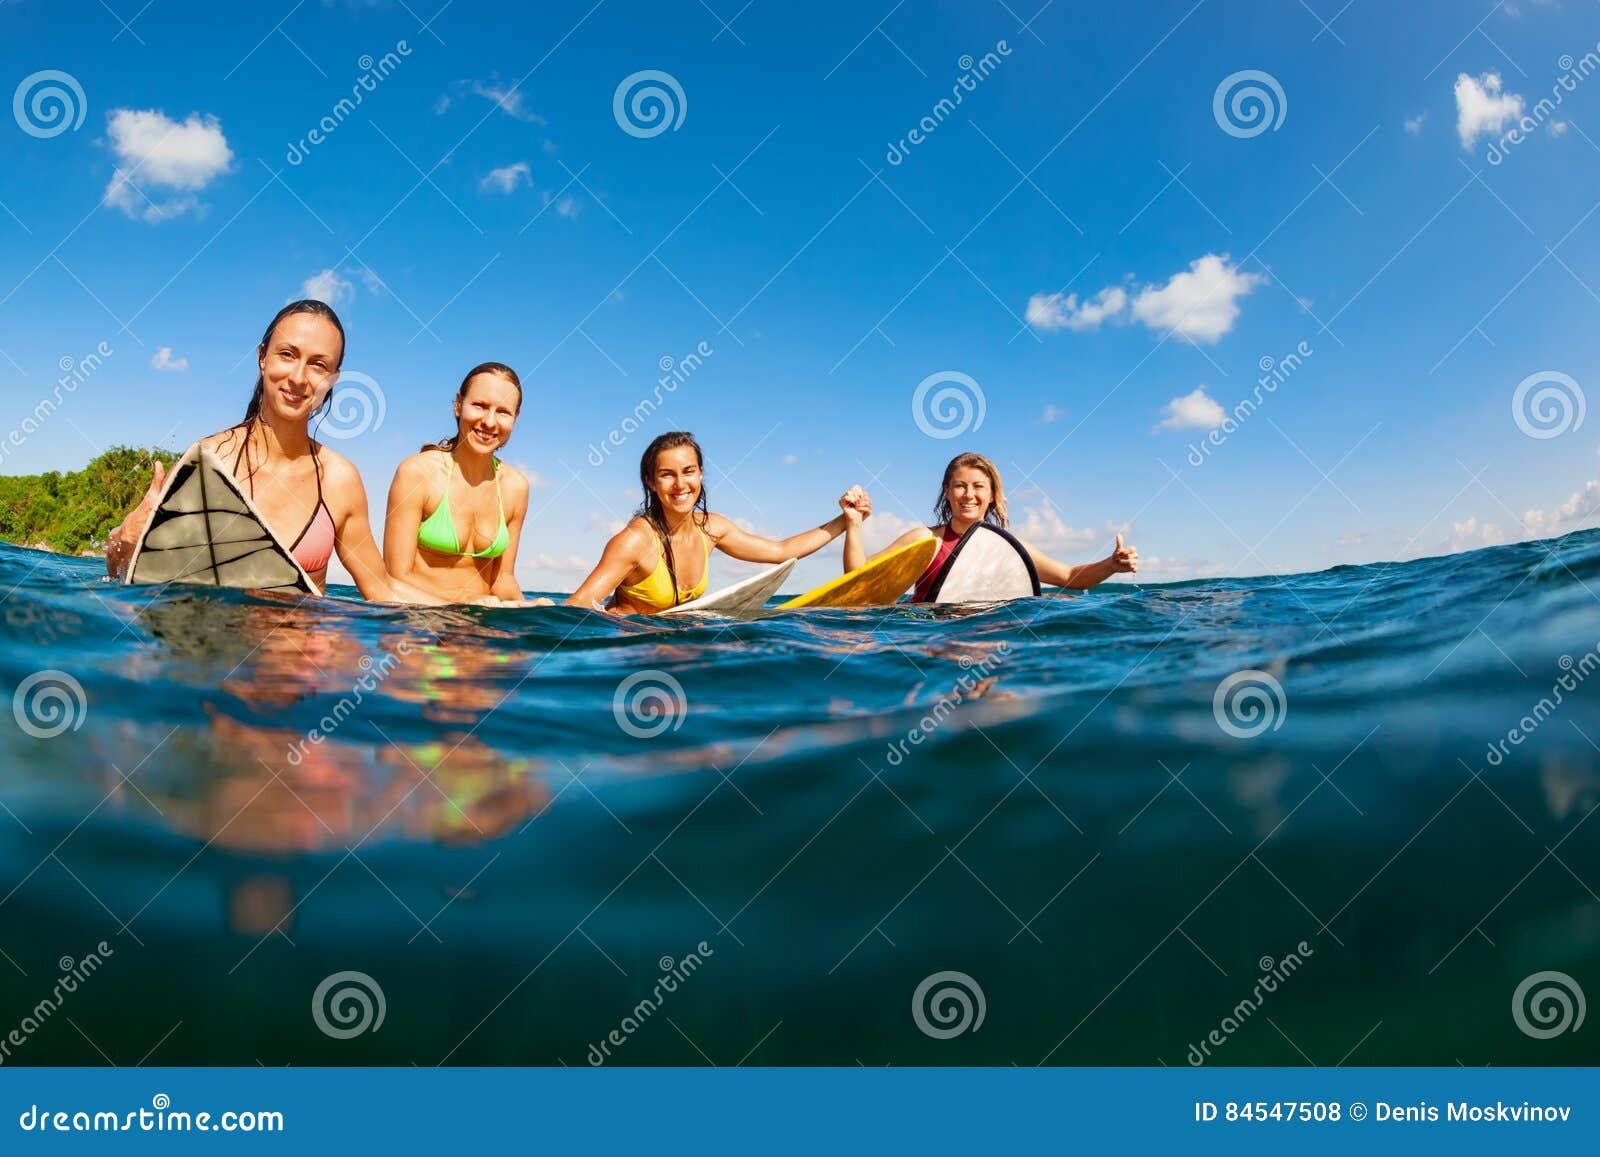 Foto das meninas felizes do surfista que sentam-se em placas de ressaca